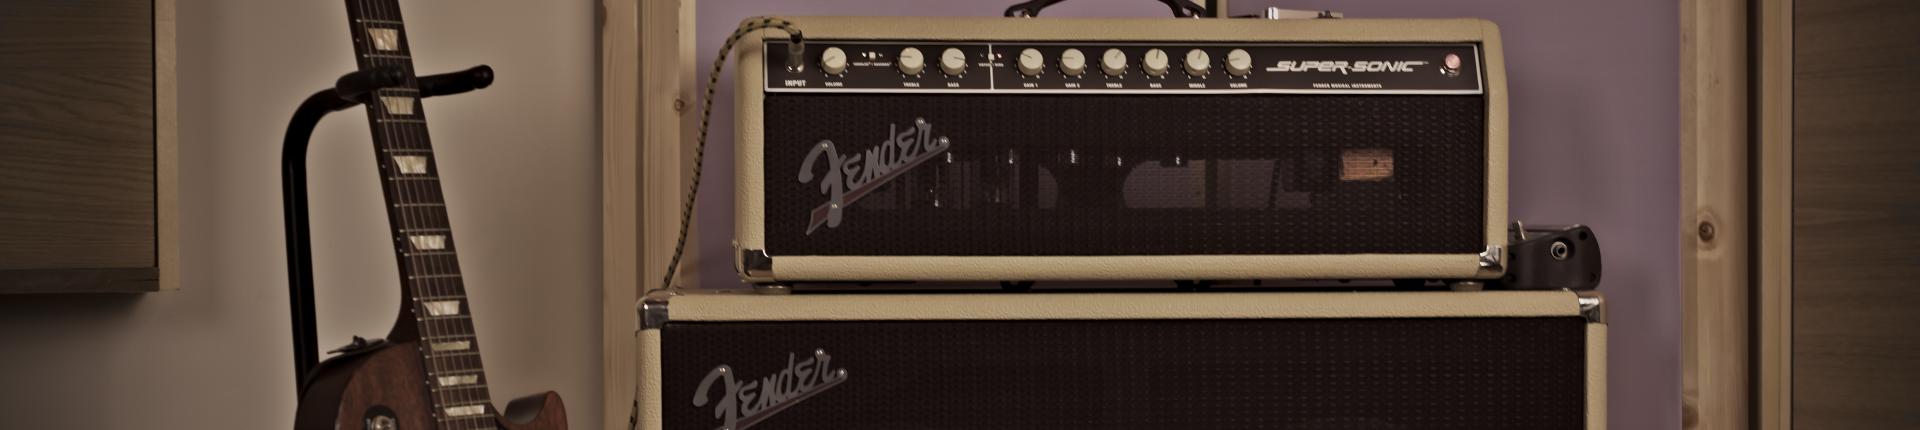 AP Recording studios Dublin - Fender Supersonic Amp